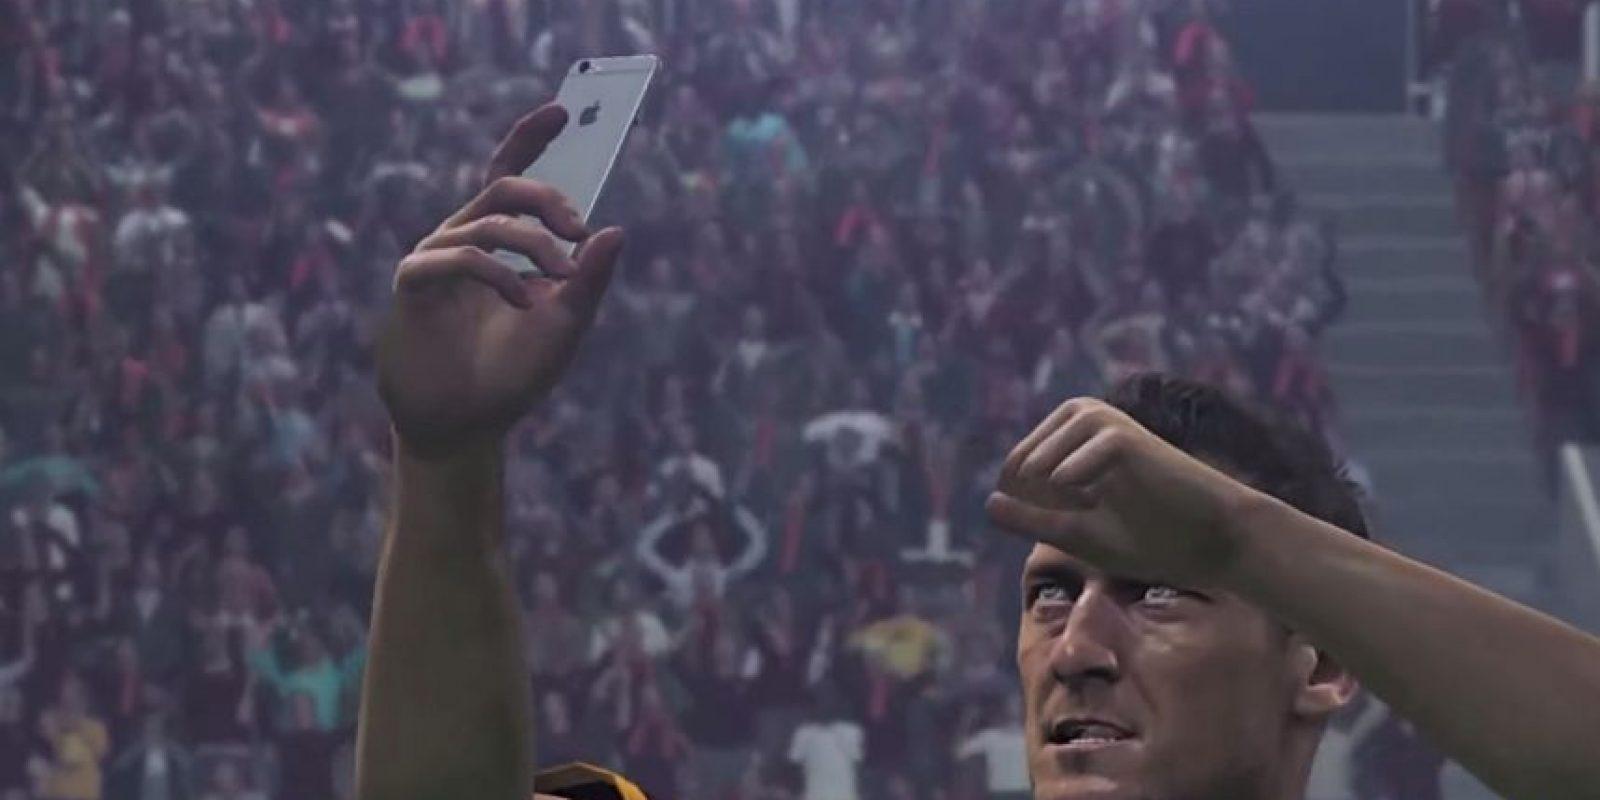 Francesco Totti en el PES 2016. Foto:Twitter